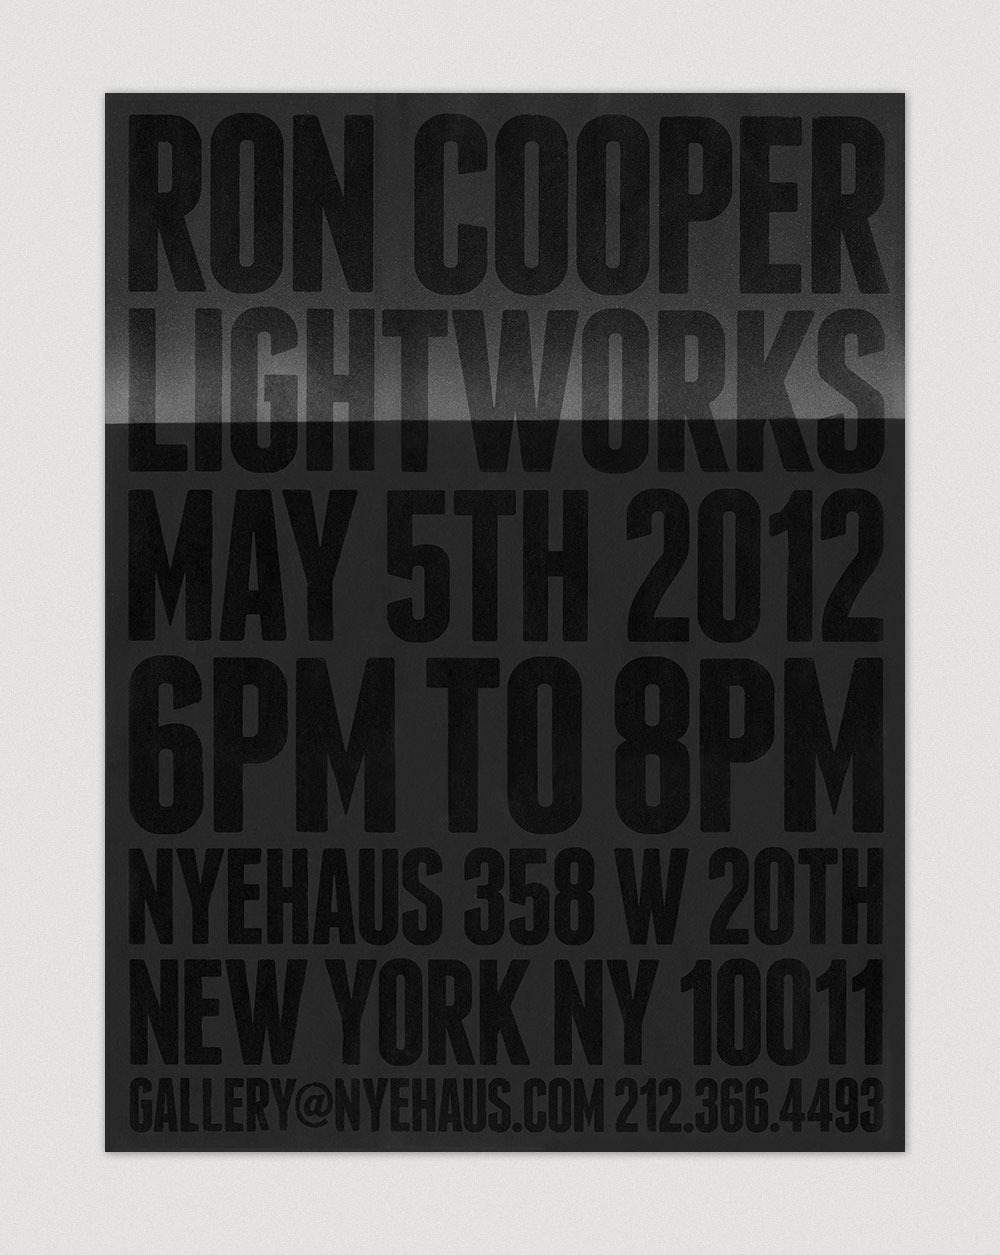 Ron Cooper — Lightworks - Kyle LaMar